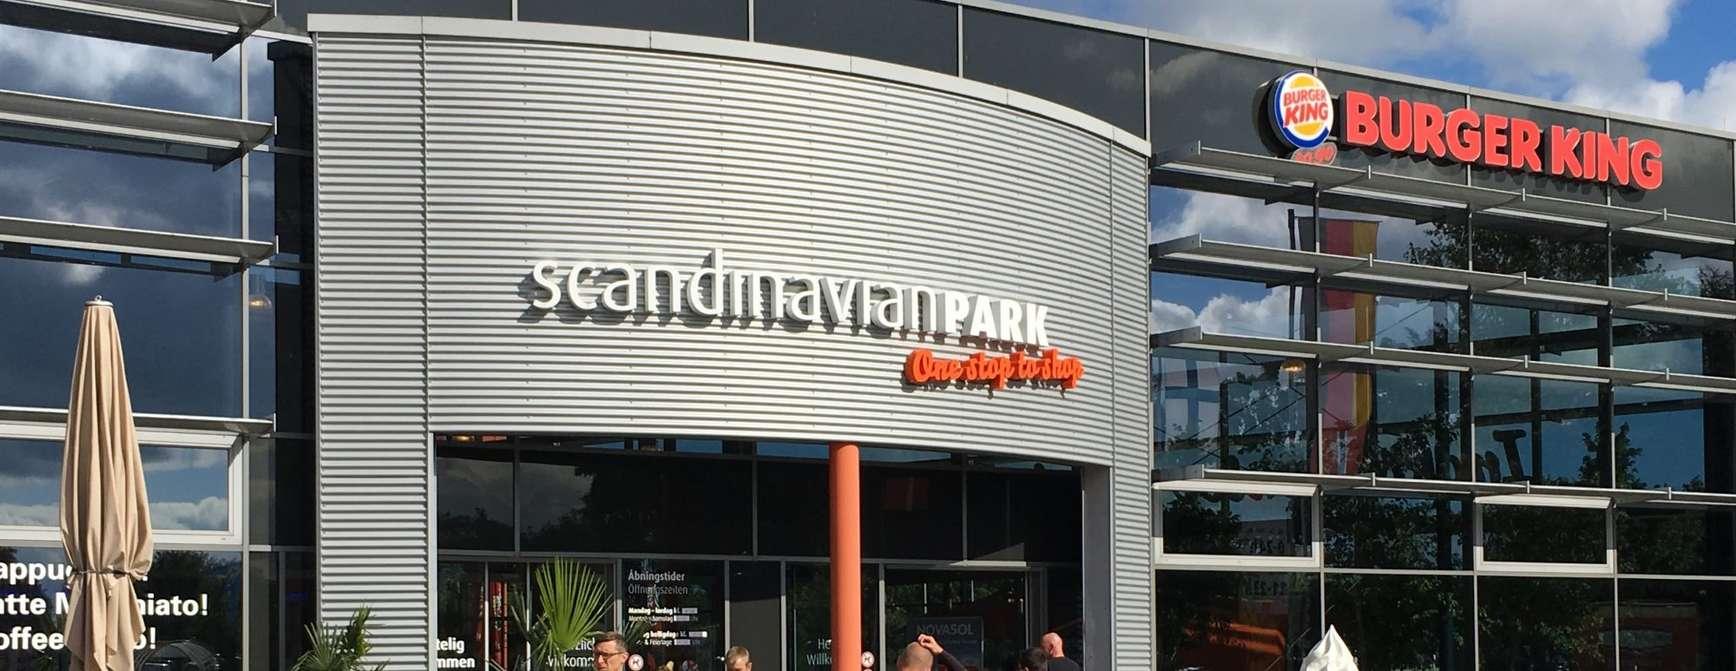 Shoppingsenteret Scandinavian Park i Tyskland